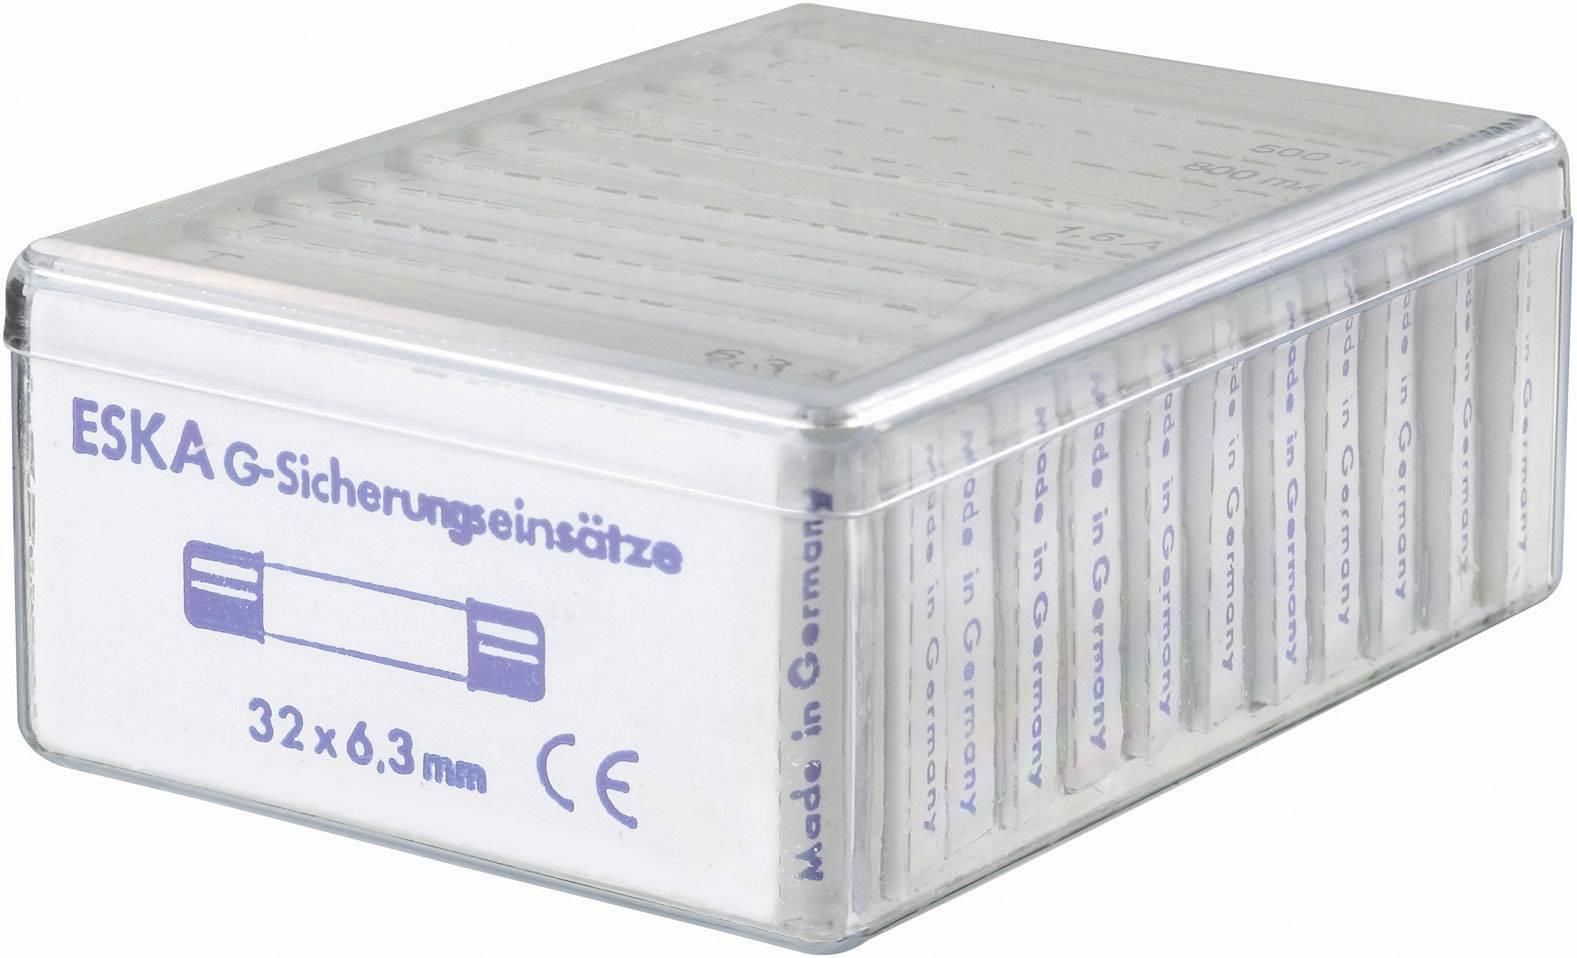 Sada jemných poistiek ESKA 632800, (Ø x d) 6.3 mm x 32 mm, rýchly -F-, 120 dielov